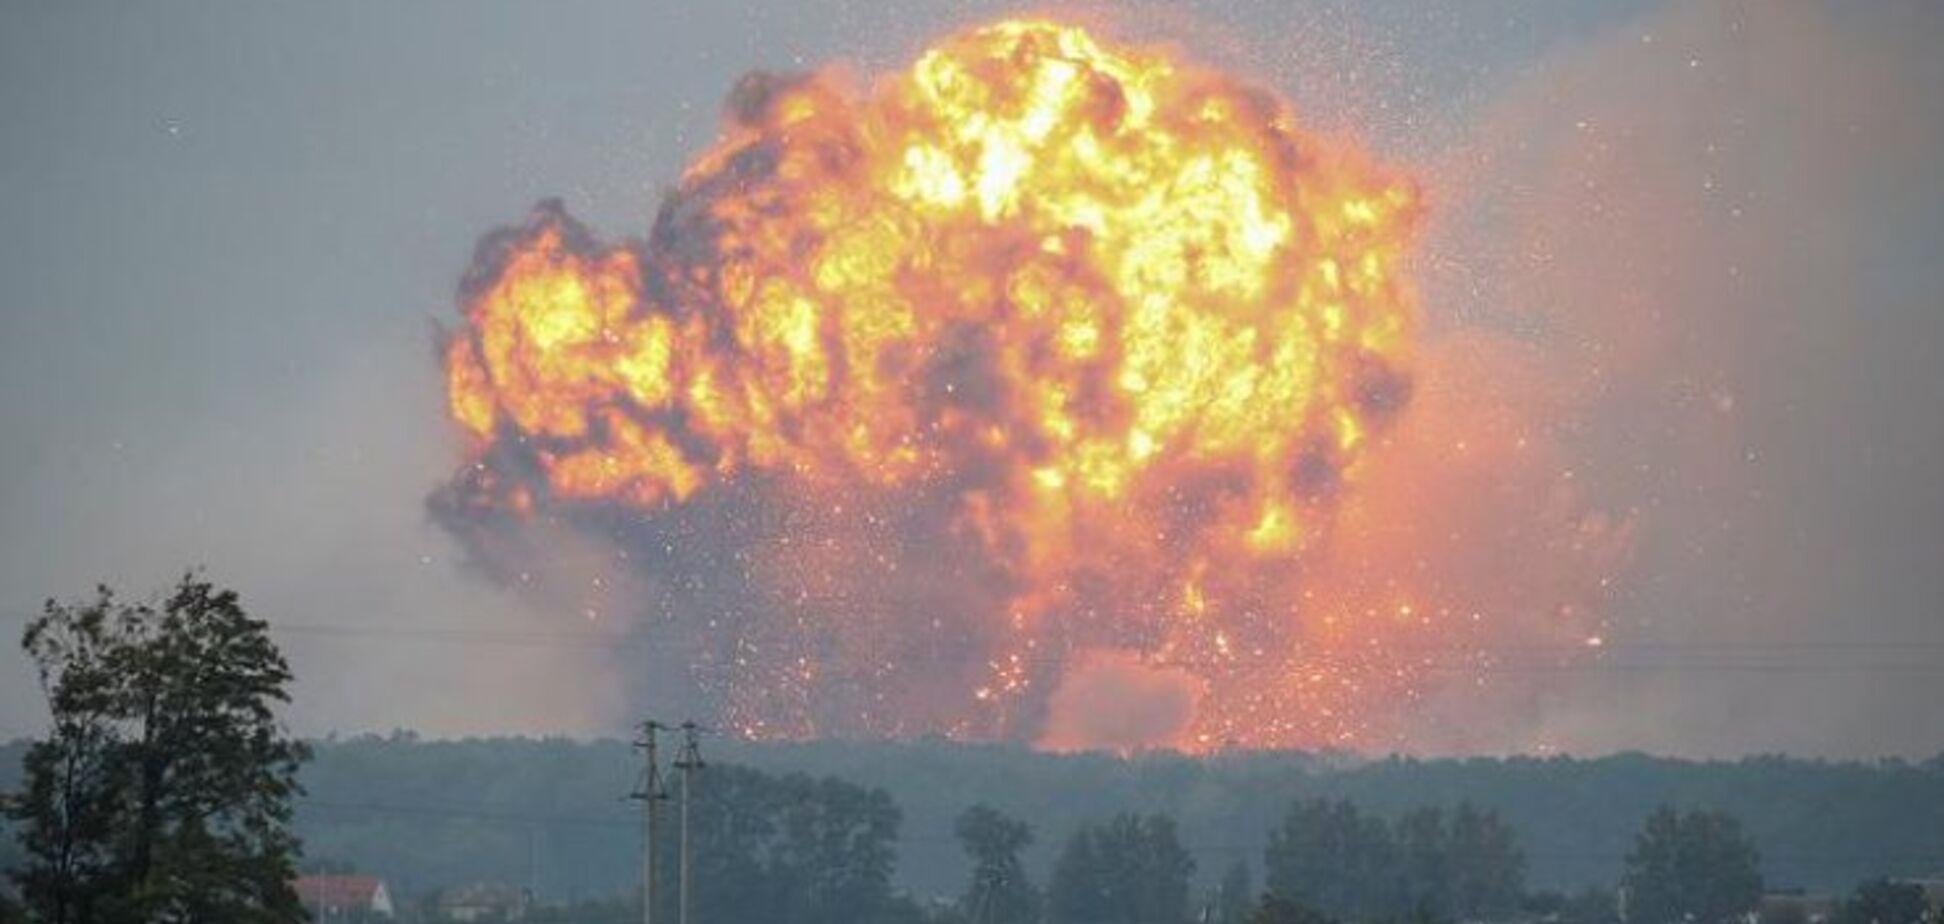 Взрывались 'Тюльпаны' и 'Ураганы': всплыли новые детали о пожаре в Калиновке